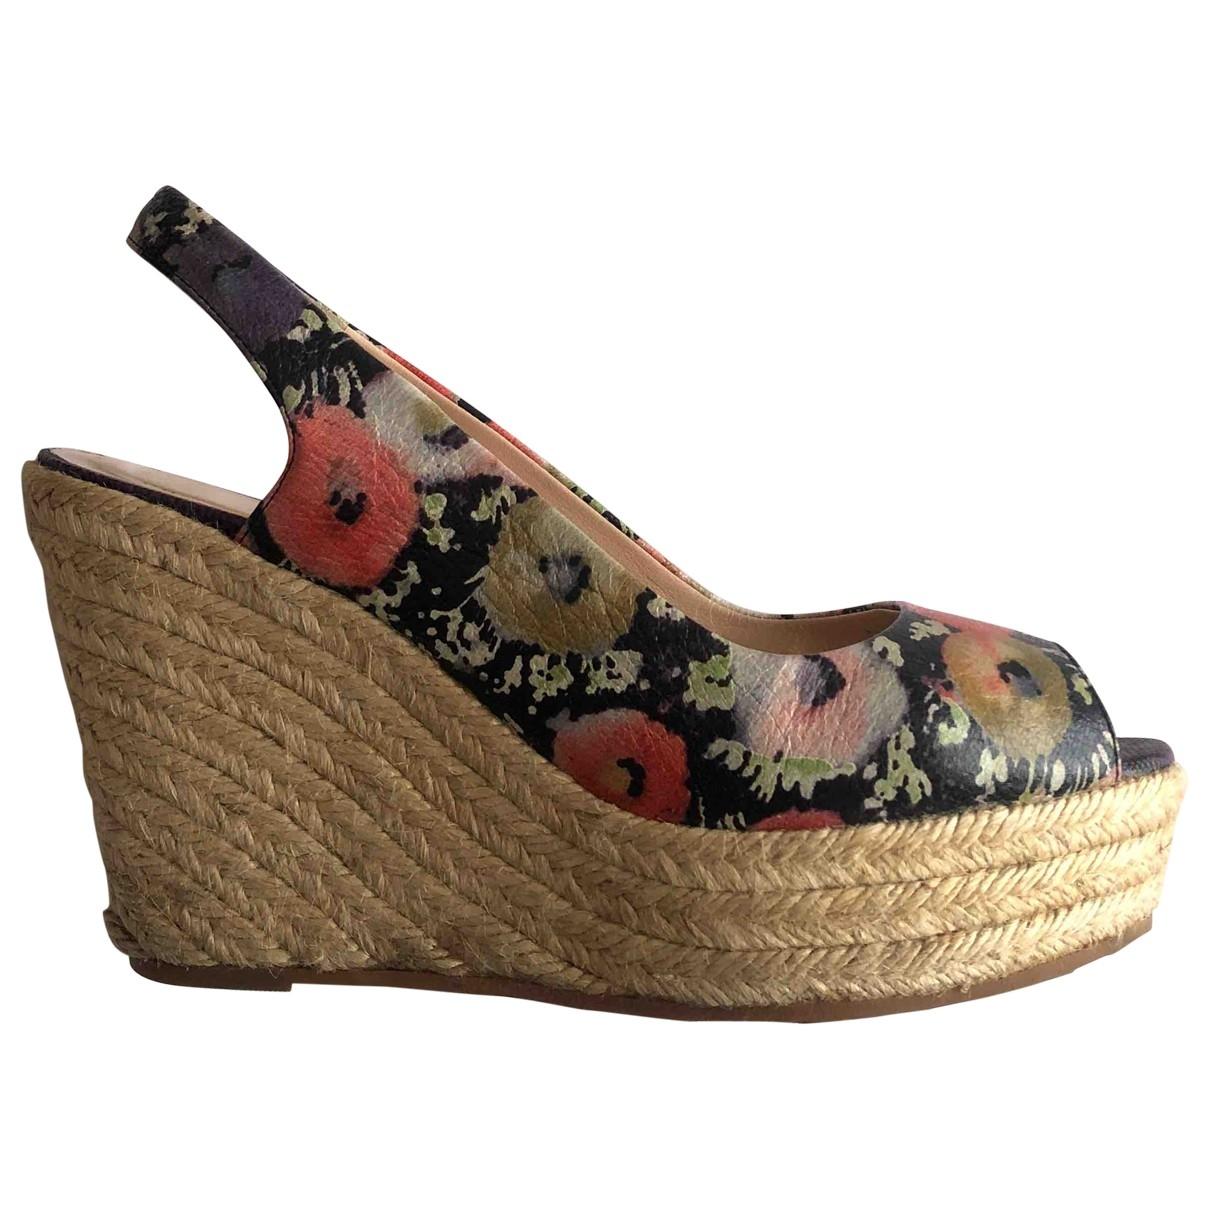 Bally - Sandales   pour femme en cuir - multicolore